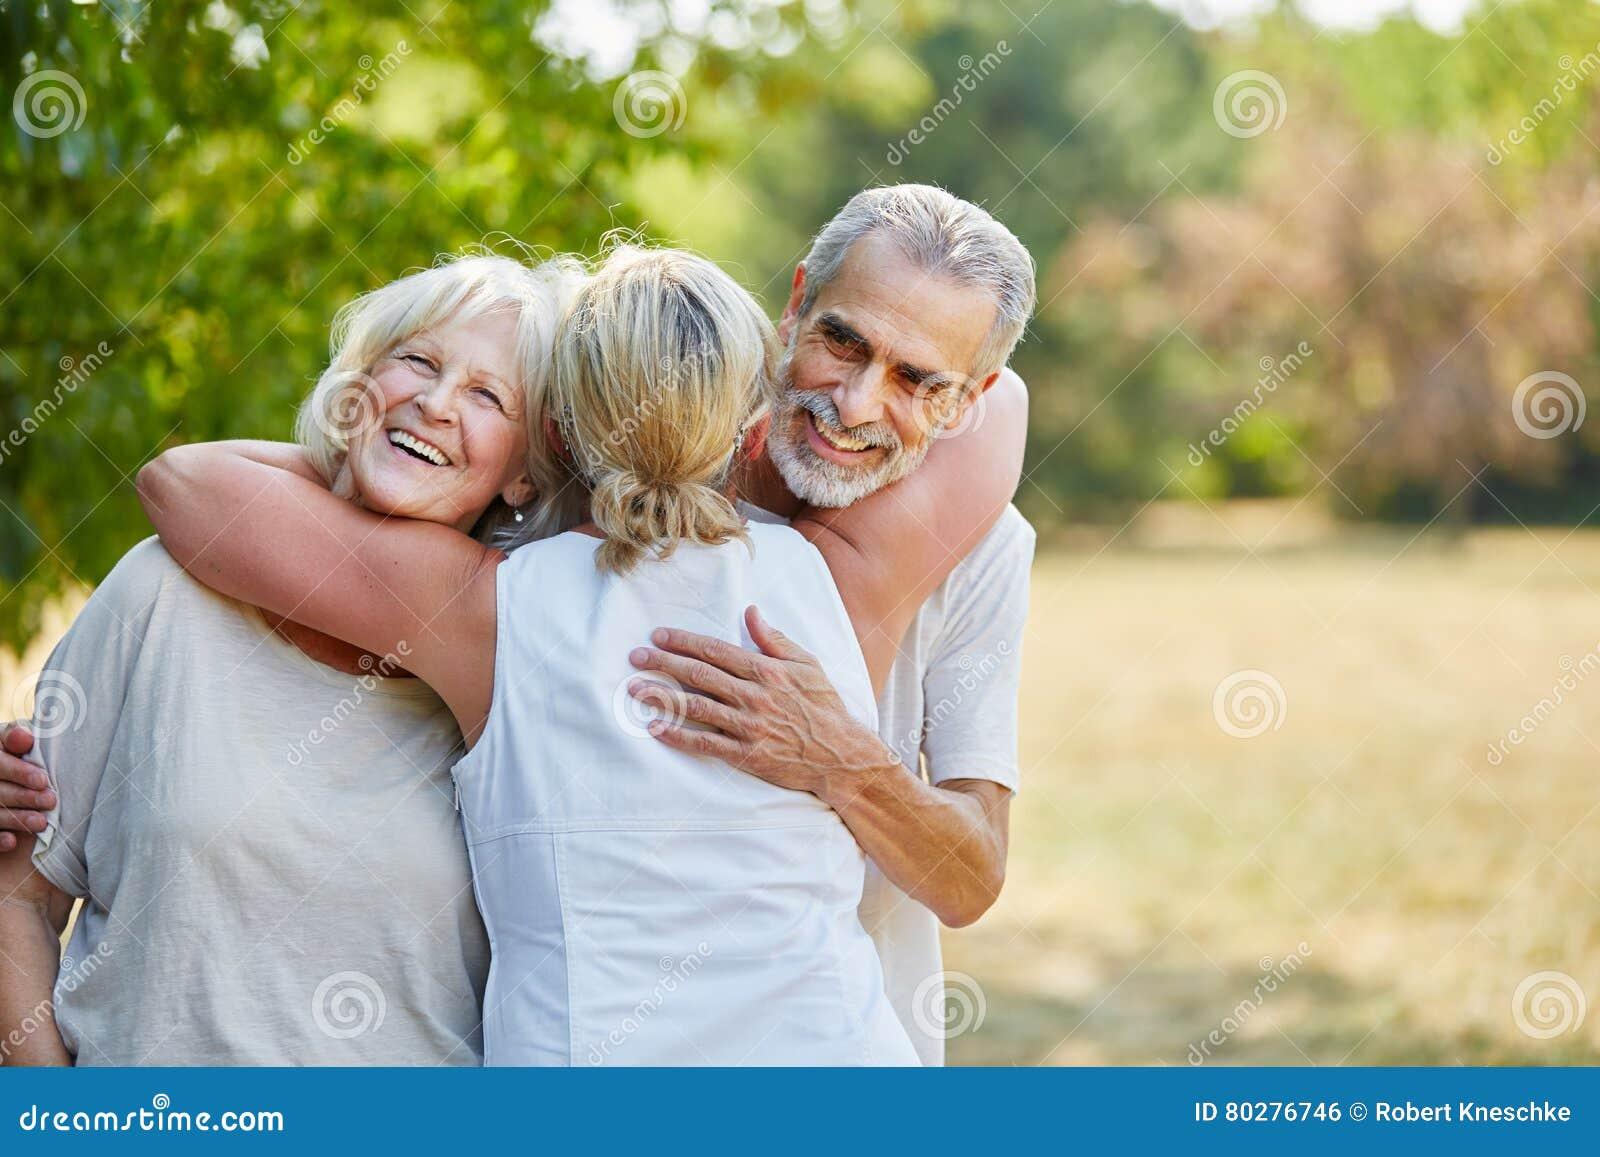 Glückliche ältere Freunde, die sich umarmen